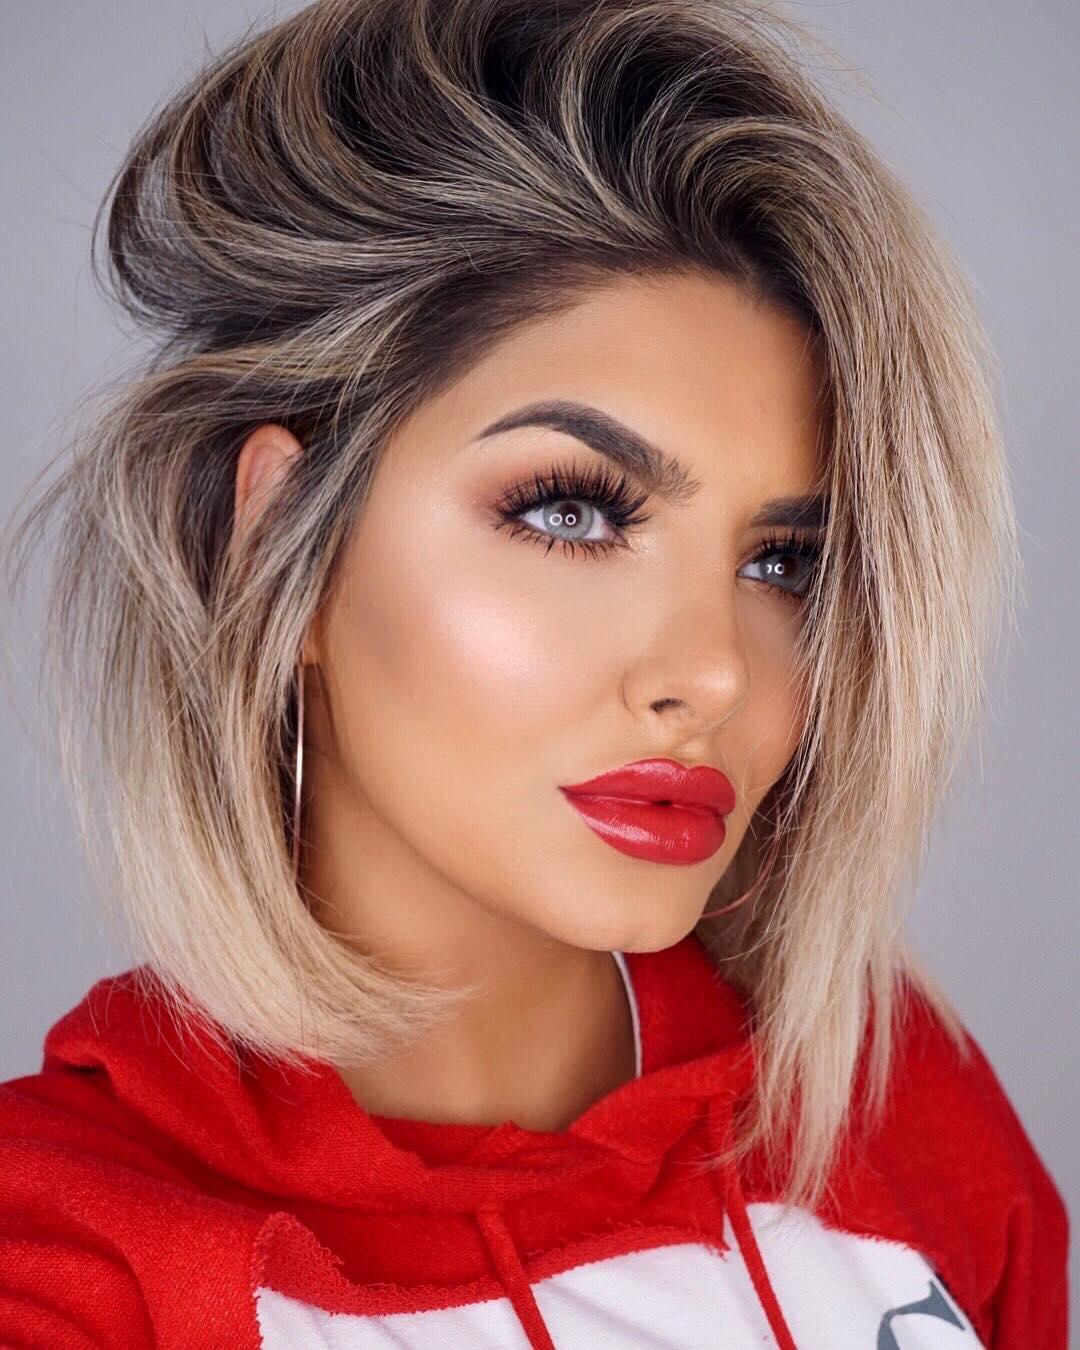 Окрашивание волос 2018: 15 стильных идей